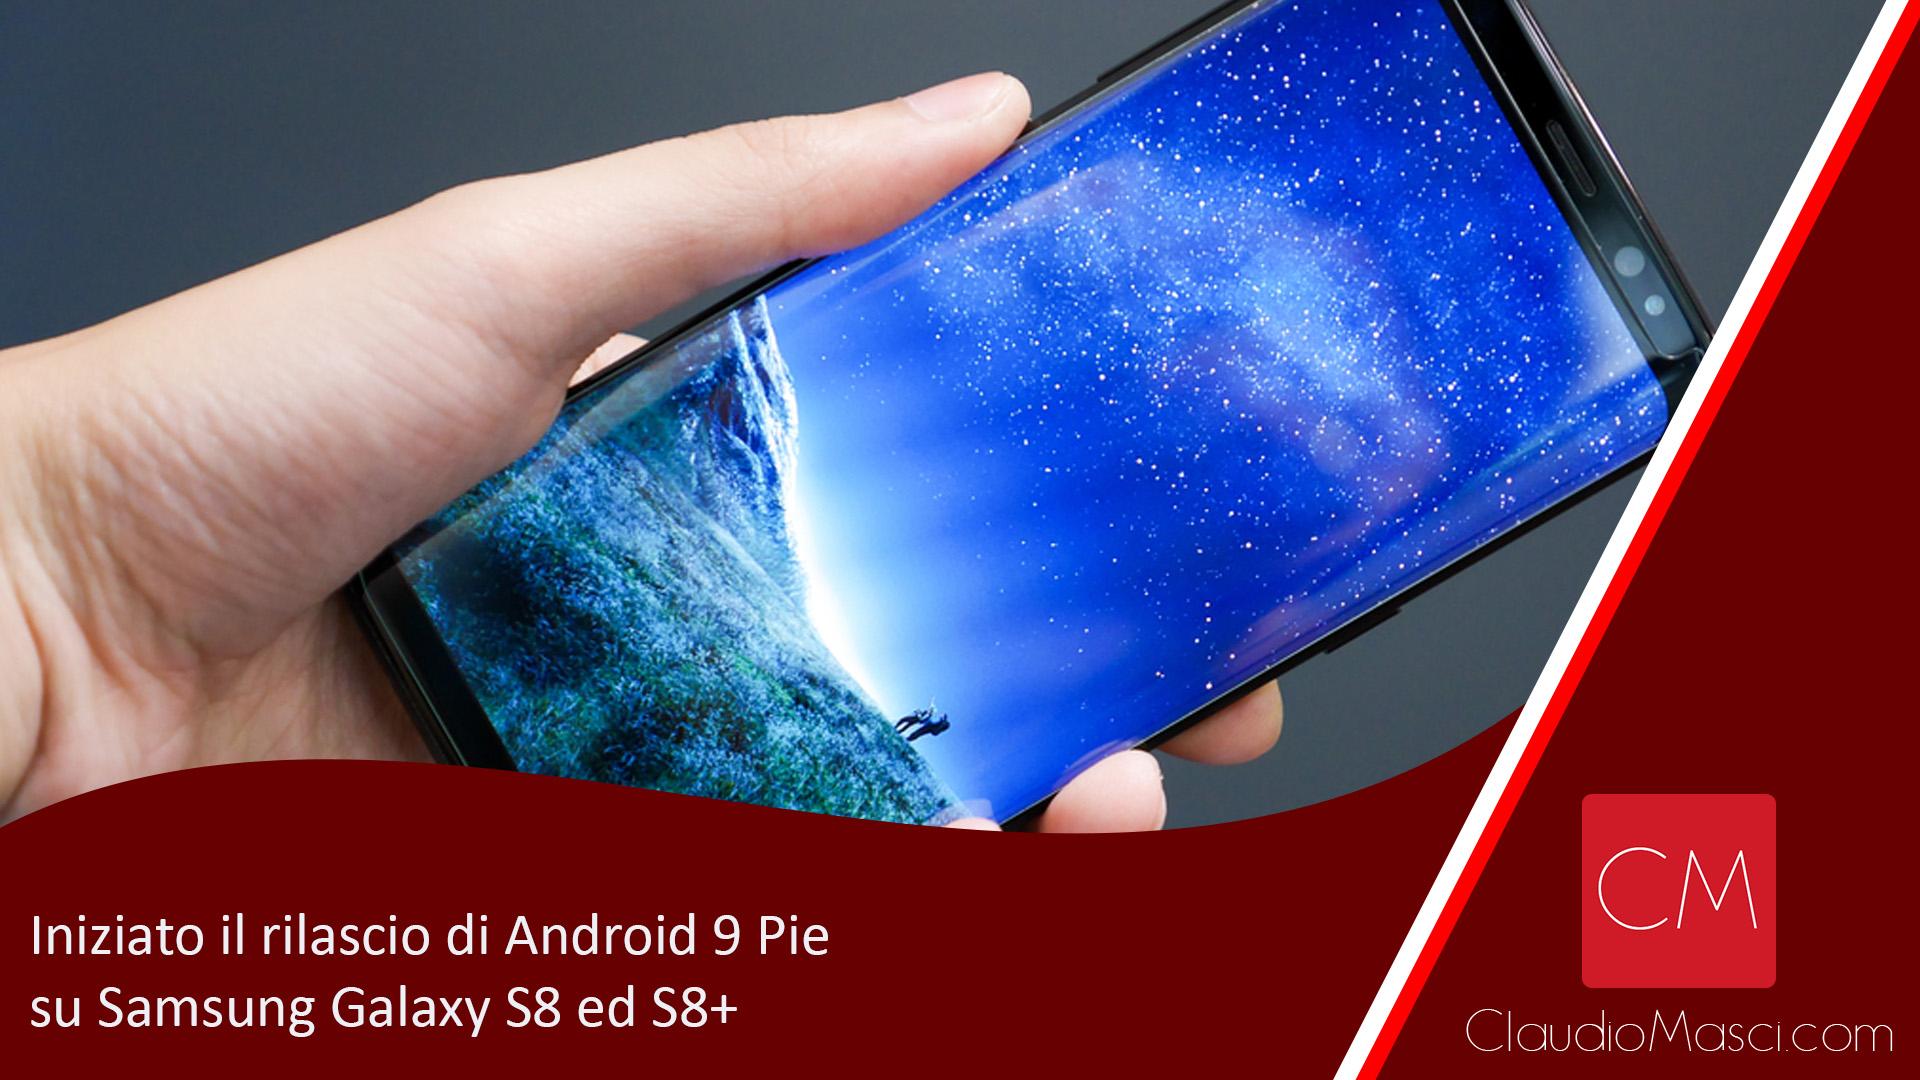 Iniziato il rilascio di Android 9 Pie su Samsung Galaxy S8 ed S8+